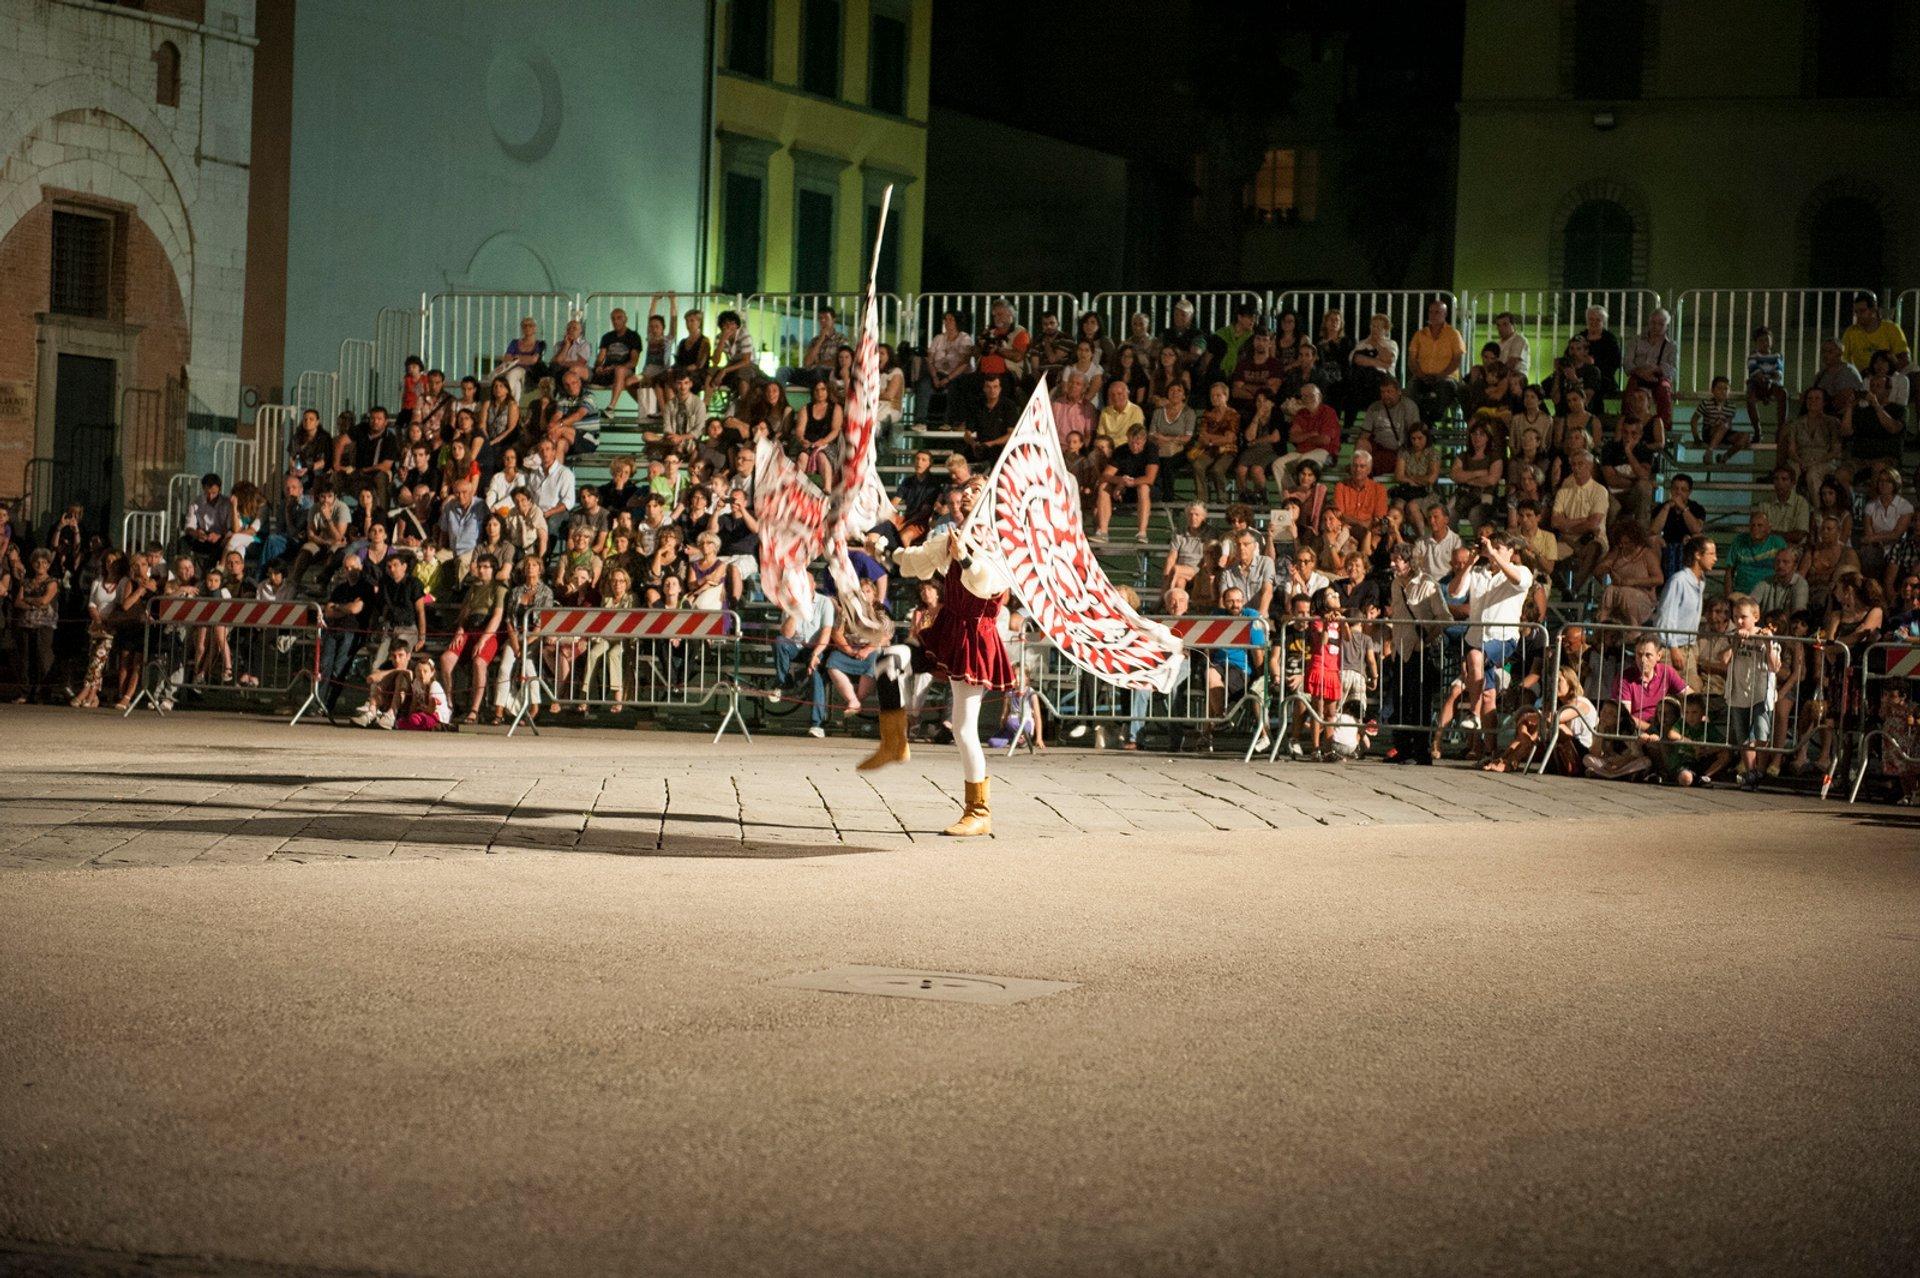 Palio della Balestra in Lucca, Tuscany 2020